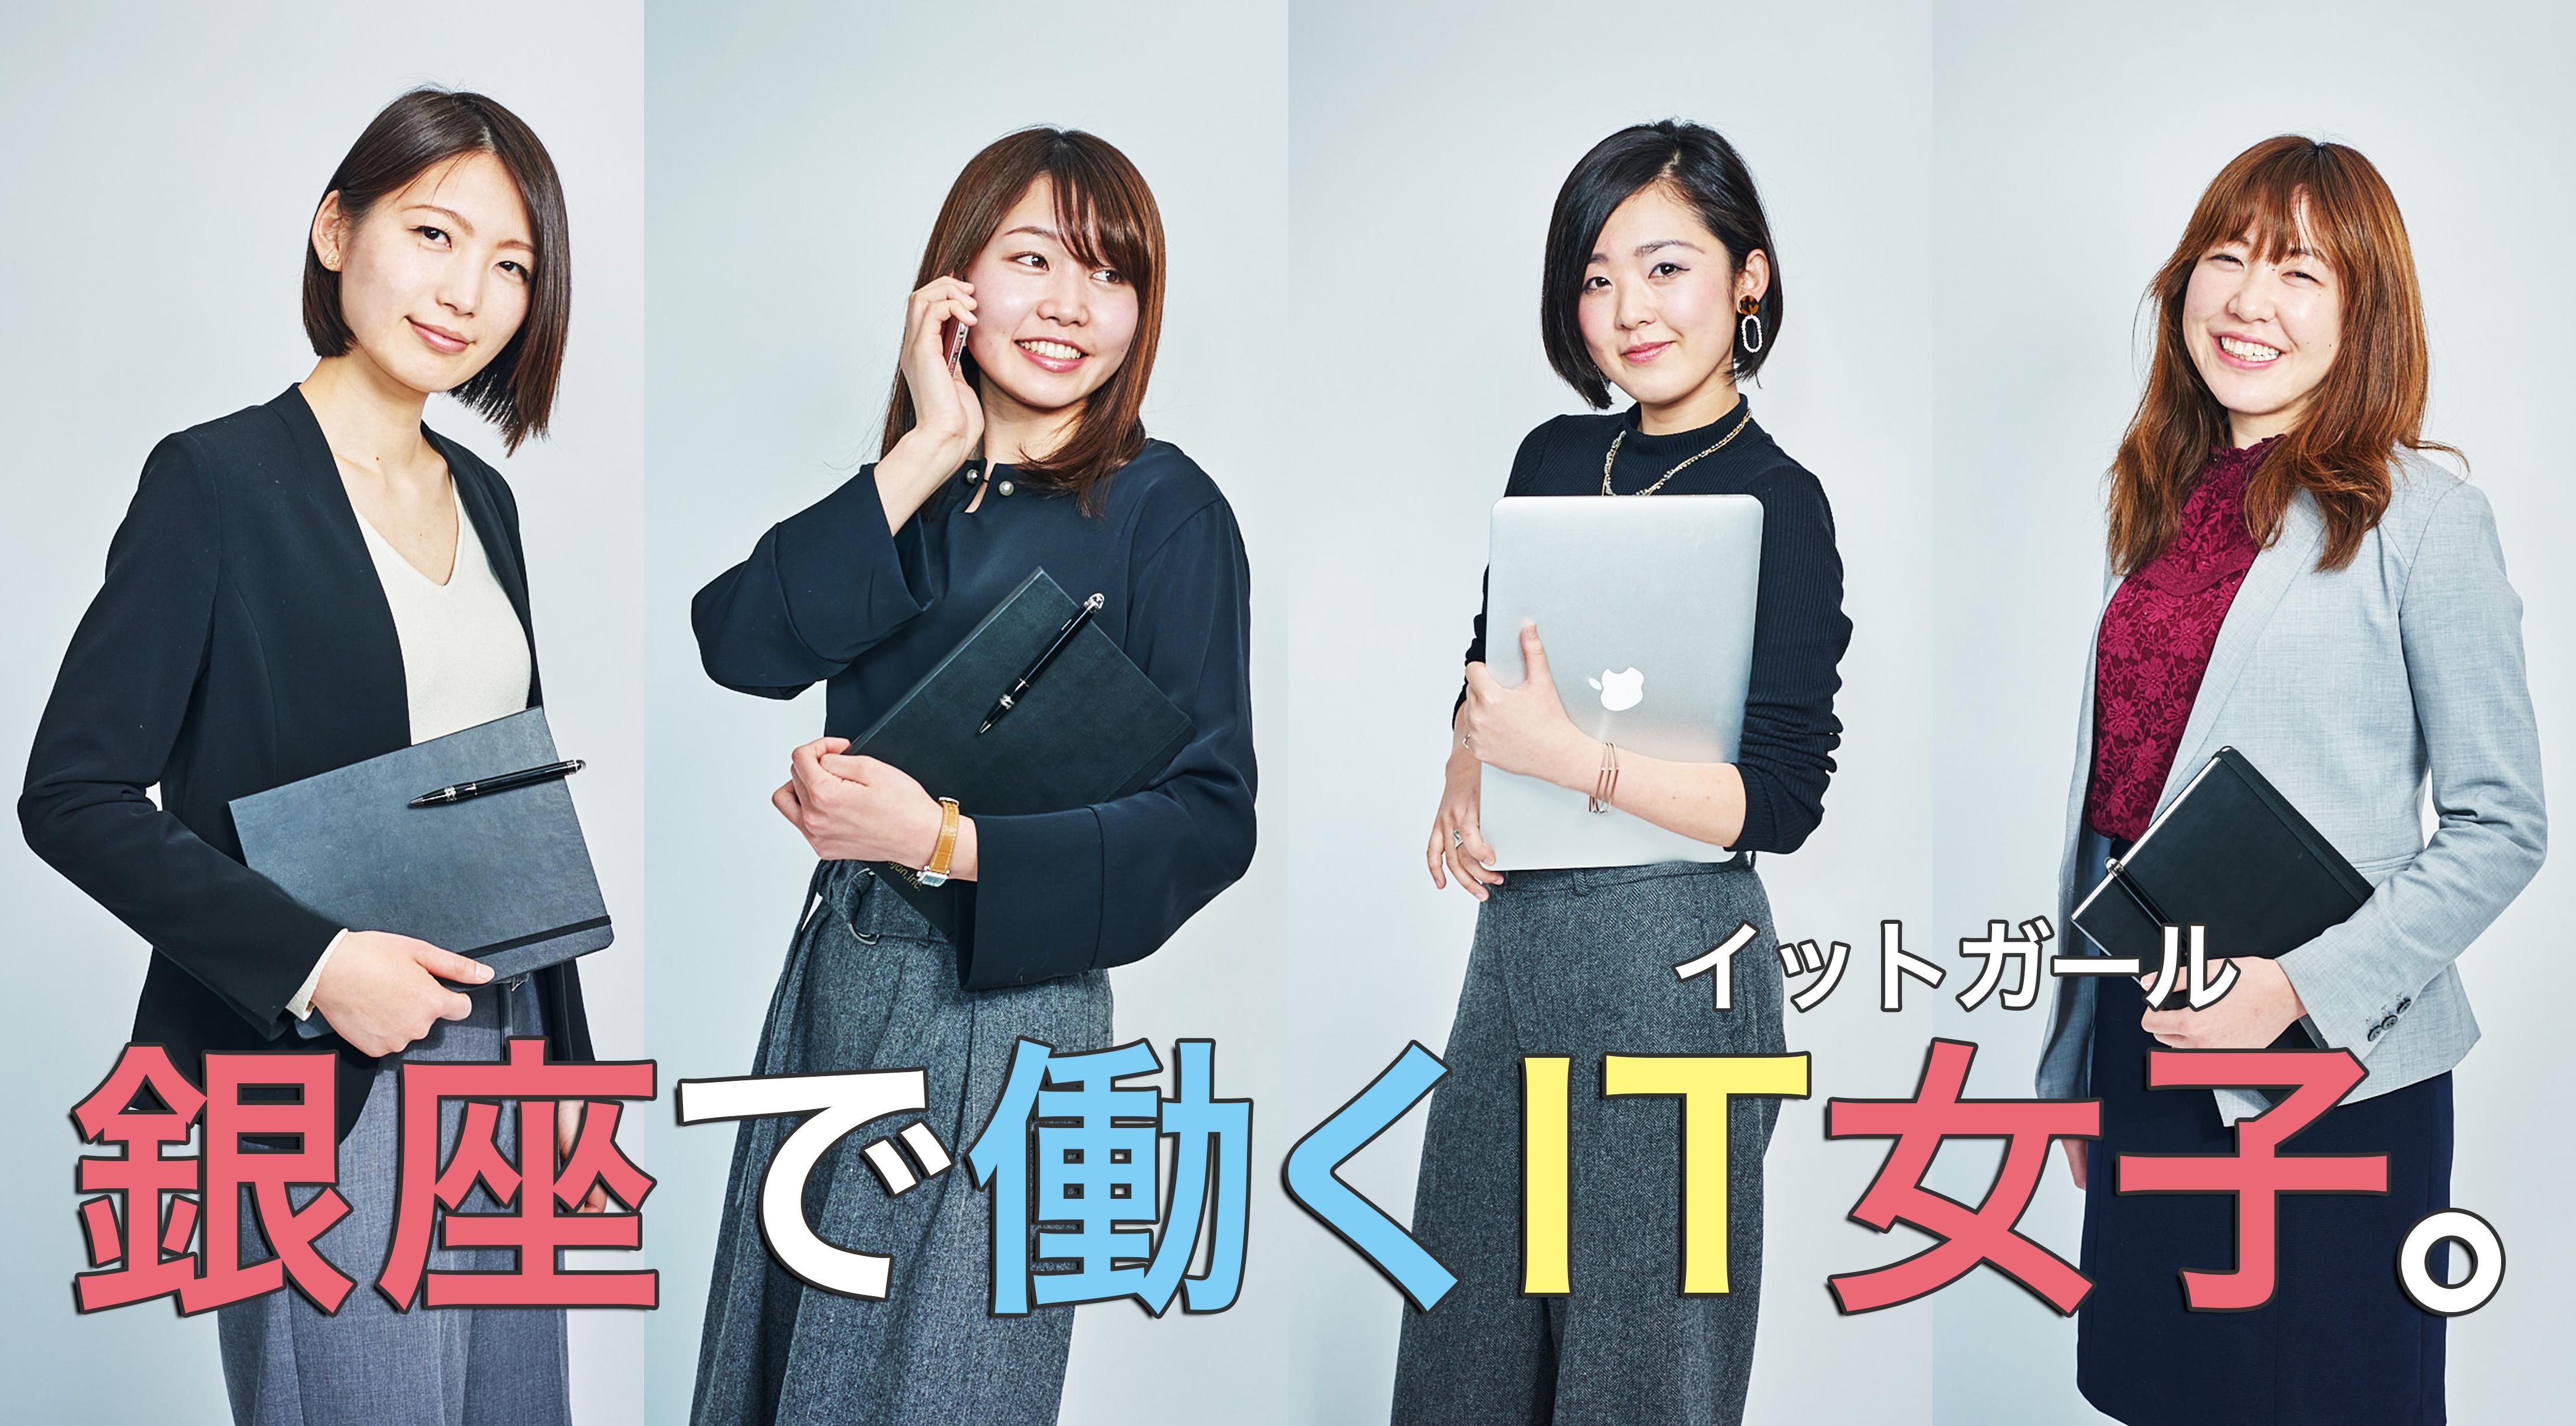 「IT人材の育成を通して、日本のビジネスモデルと働き方を変革し、豊かで楽しい社会を創る。」